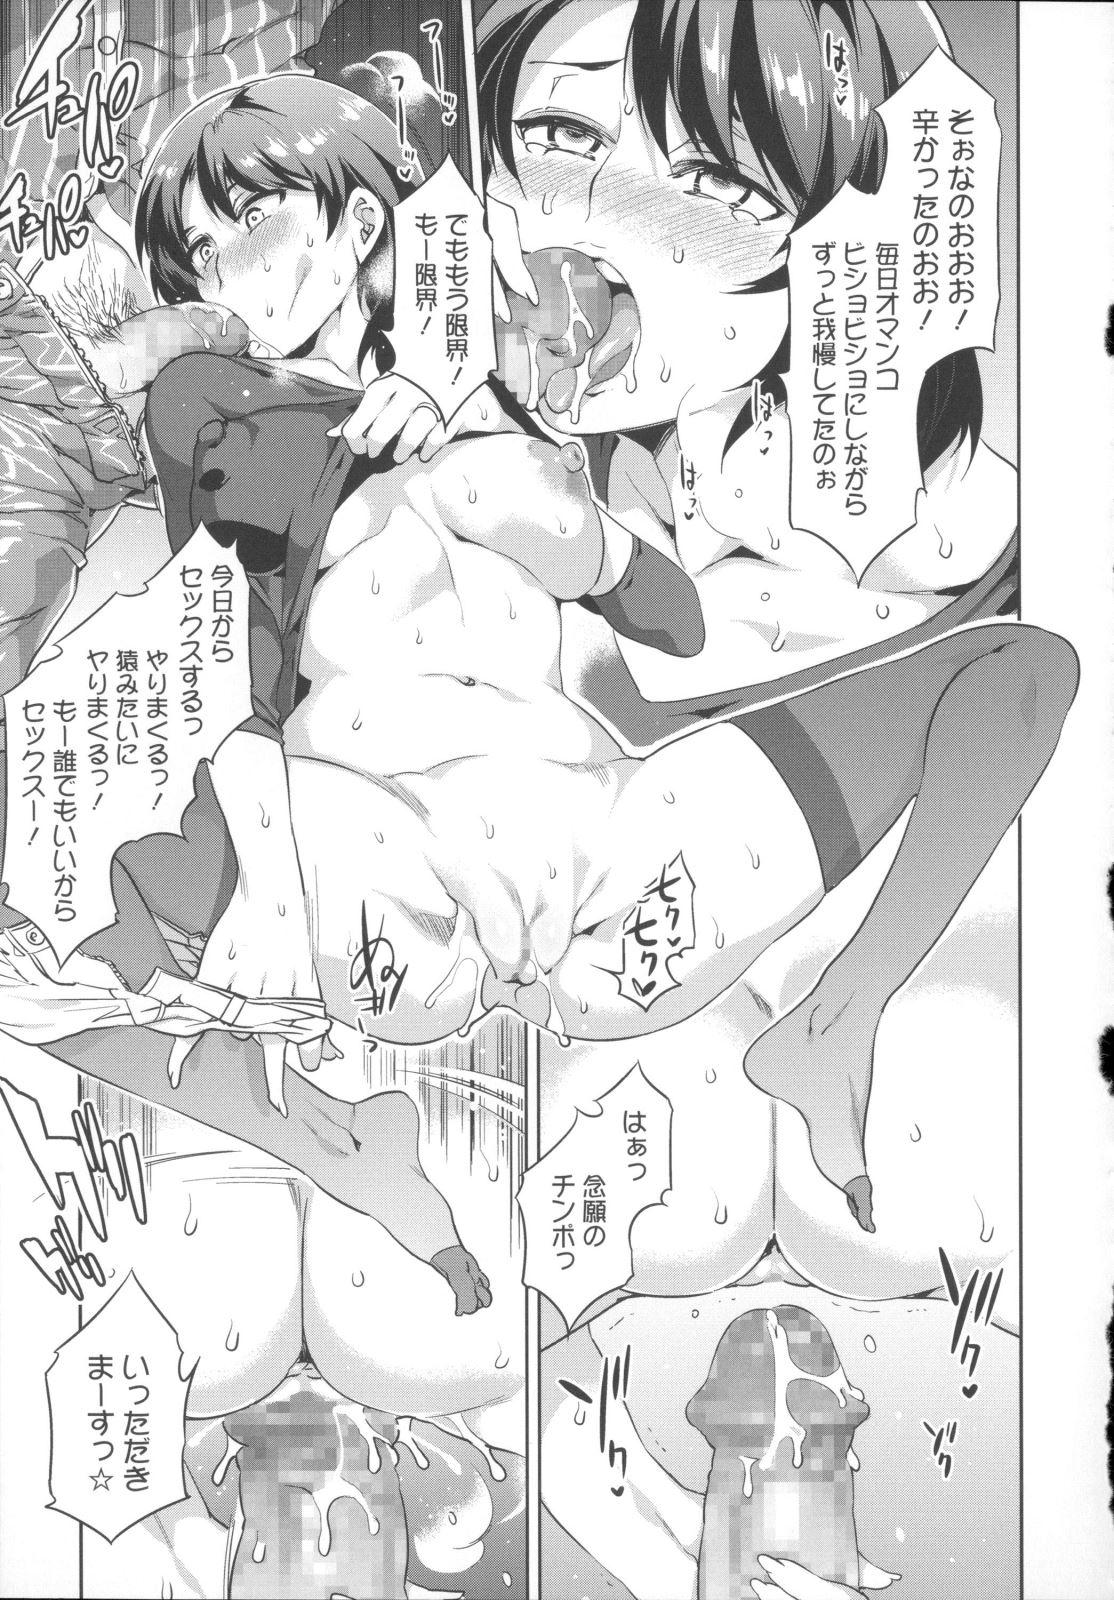 【エロ漫画】セックス依存症の人妻…大学時代の元彼とNTR不倫セックスしちゃいますwww【水龍敬:リミットブレイク】